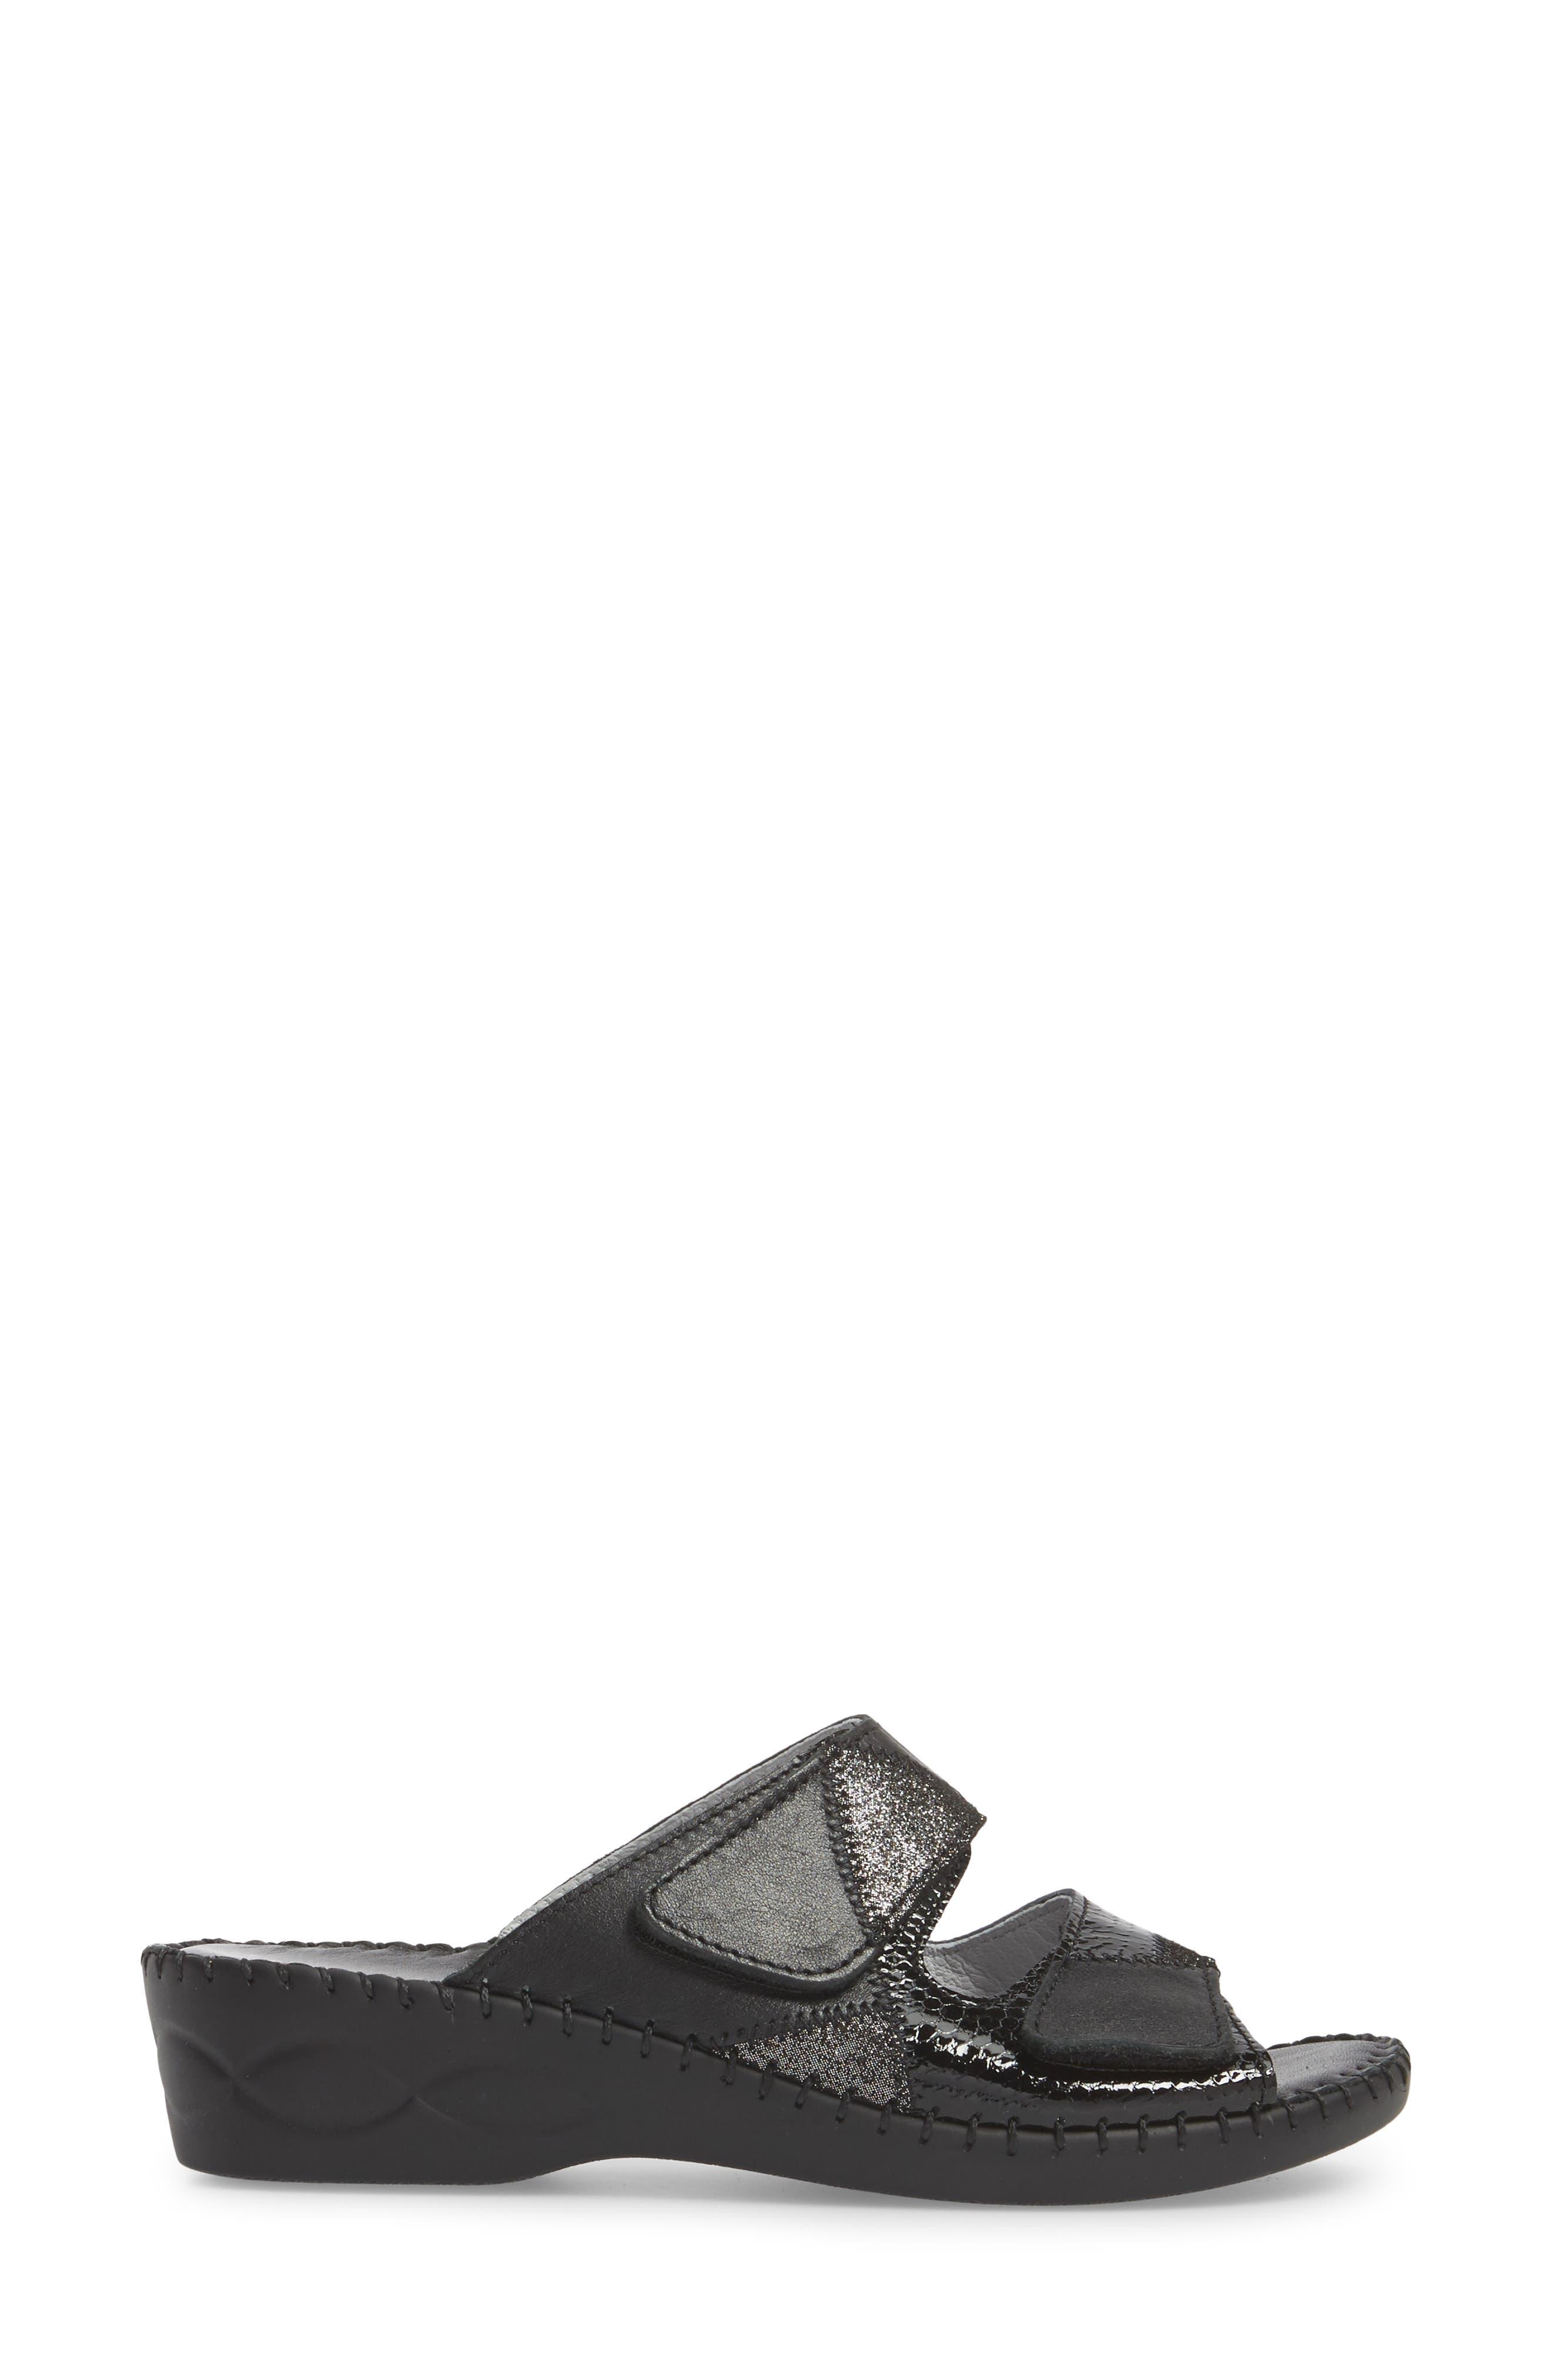 DAVID TATE,                             Flex Slide Sandal,                             Alternate thumbnail 3, color,                             BLACK LEATHER